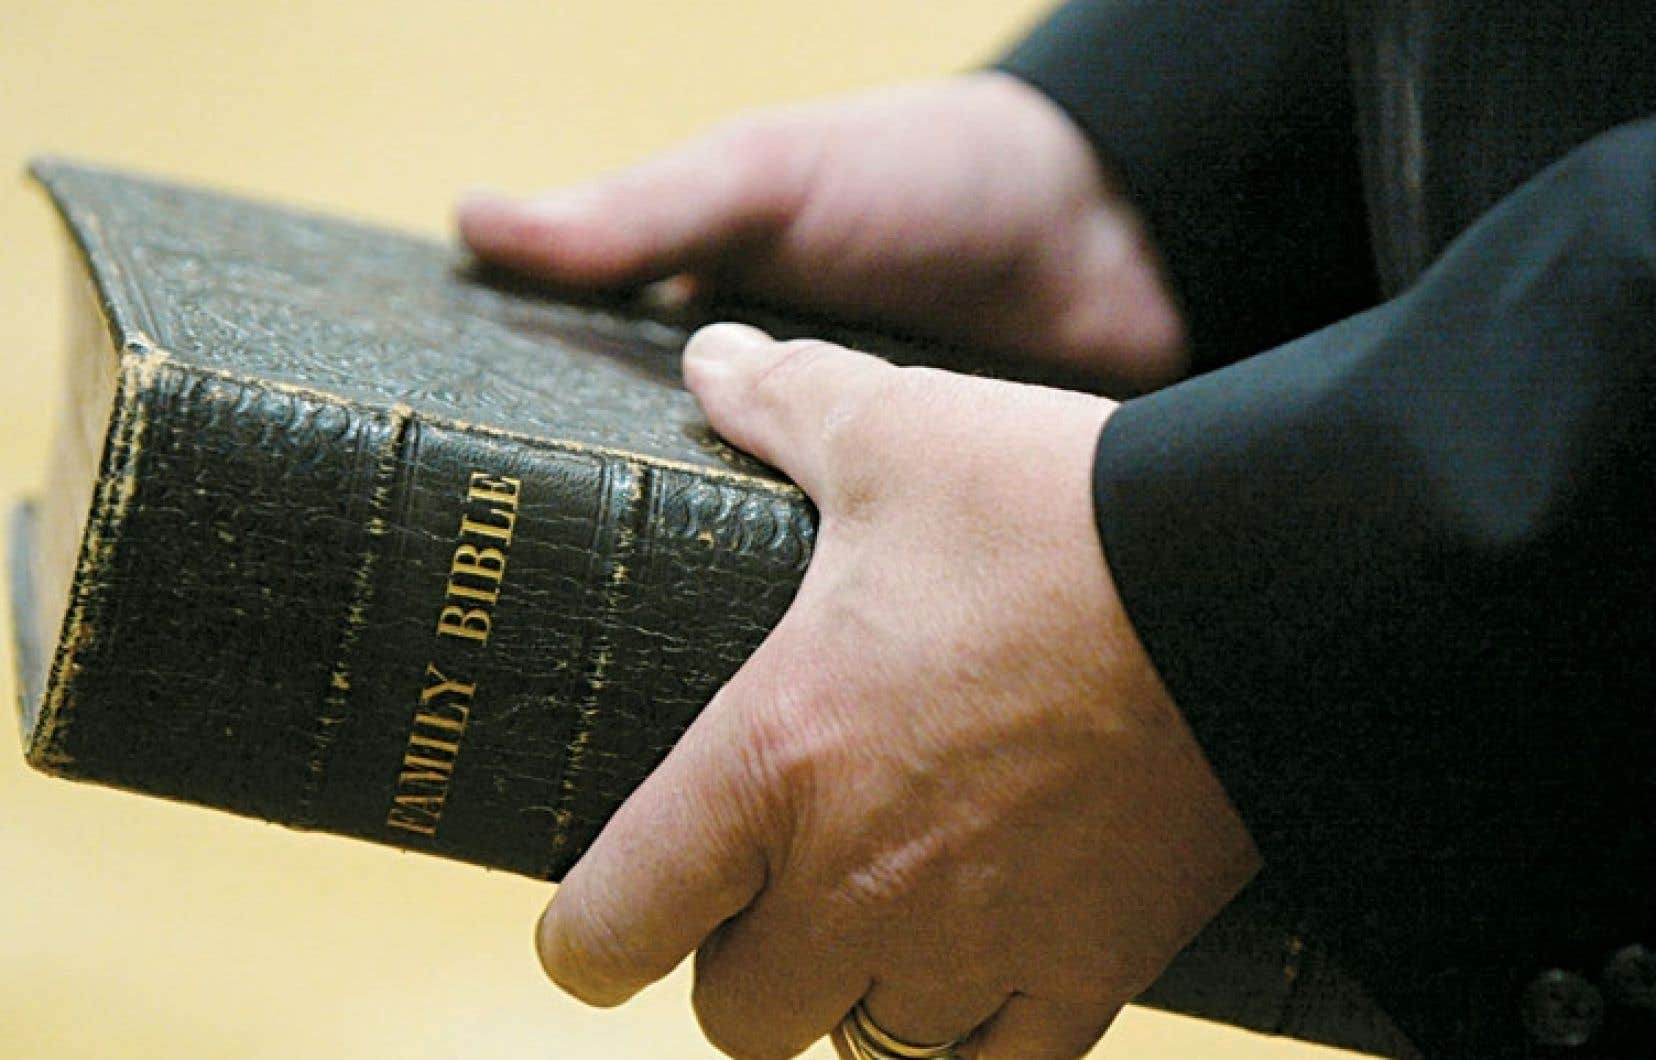 Au lieu de jurer sur la Bible, sur le Coran ou sur son honneur, comme on le fait toujours dans les tribunaux fédéraux canadiens, dans un État laïque il suffit de dire « Je le jure ! », rien de plus. Car le magistrat laïque ne peut pas savoir sur quoi vous jurez. Il n'a d'ailleurs pas à le savoir.